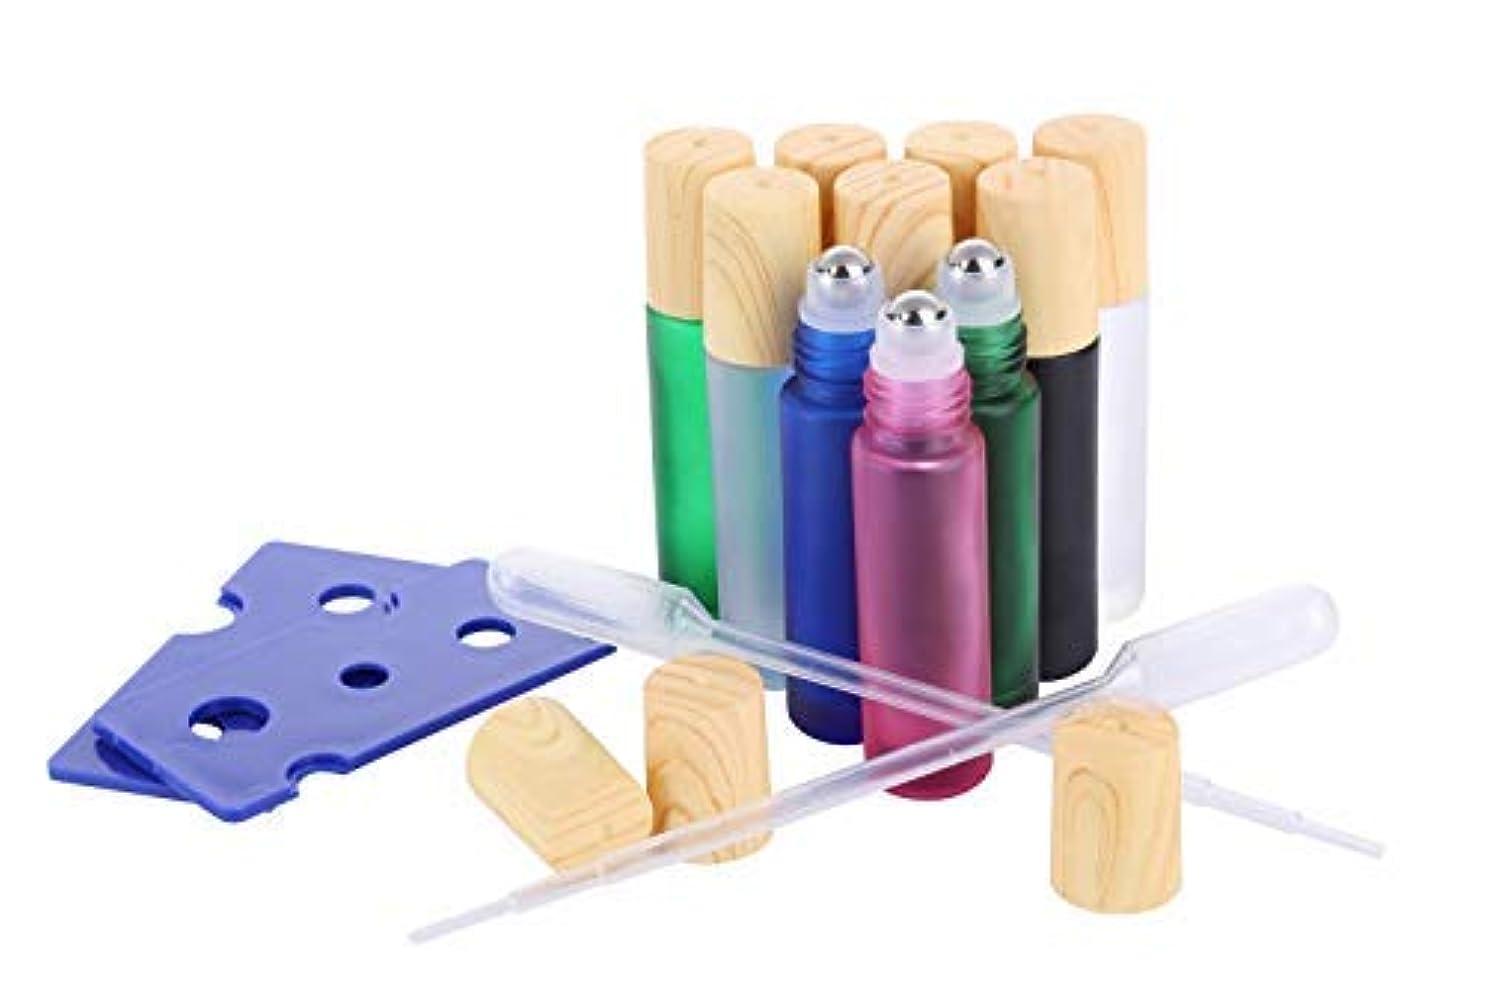 タンザニア不明瞭キャロラインEssential Oil Roller Bottles, (10 Pack 5 colors Glass Roller Bottles 10ml, Wood grain Cap, 2 Dropper, 2 Opener...